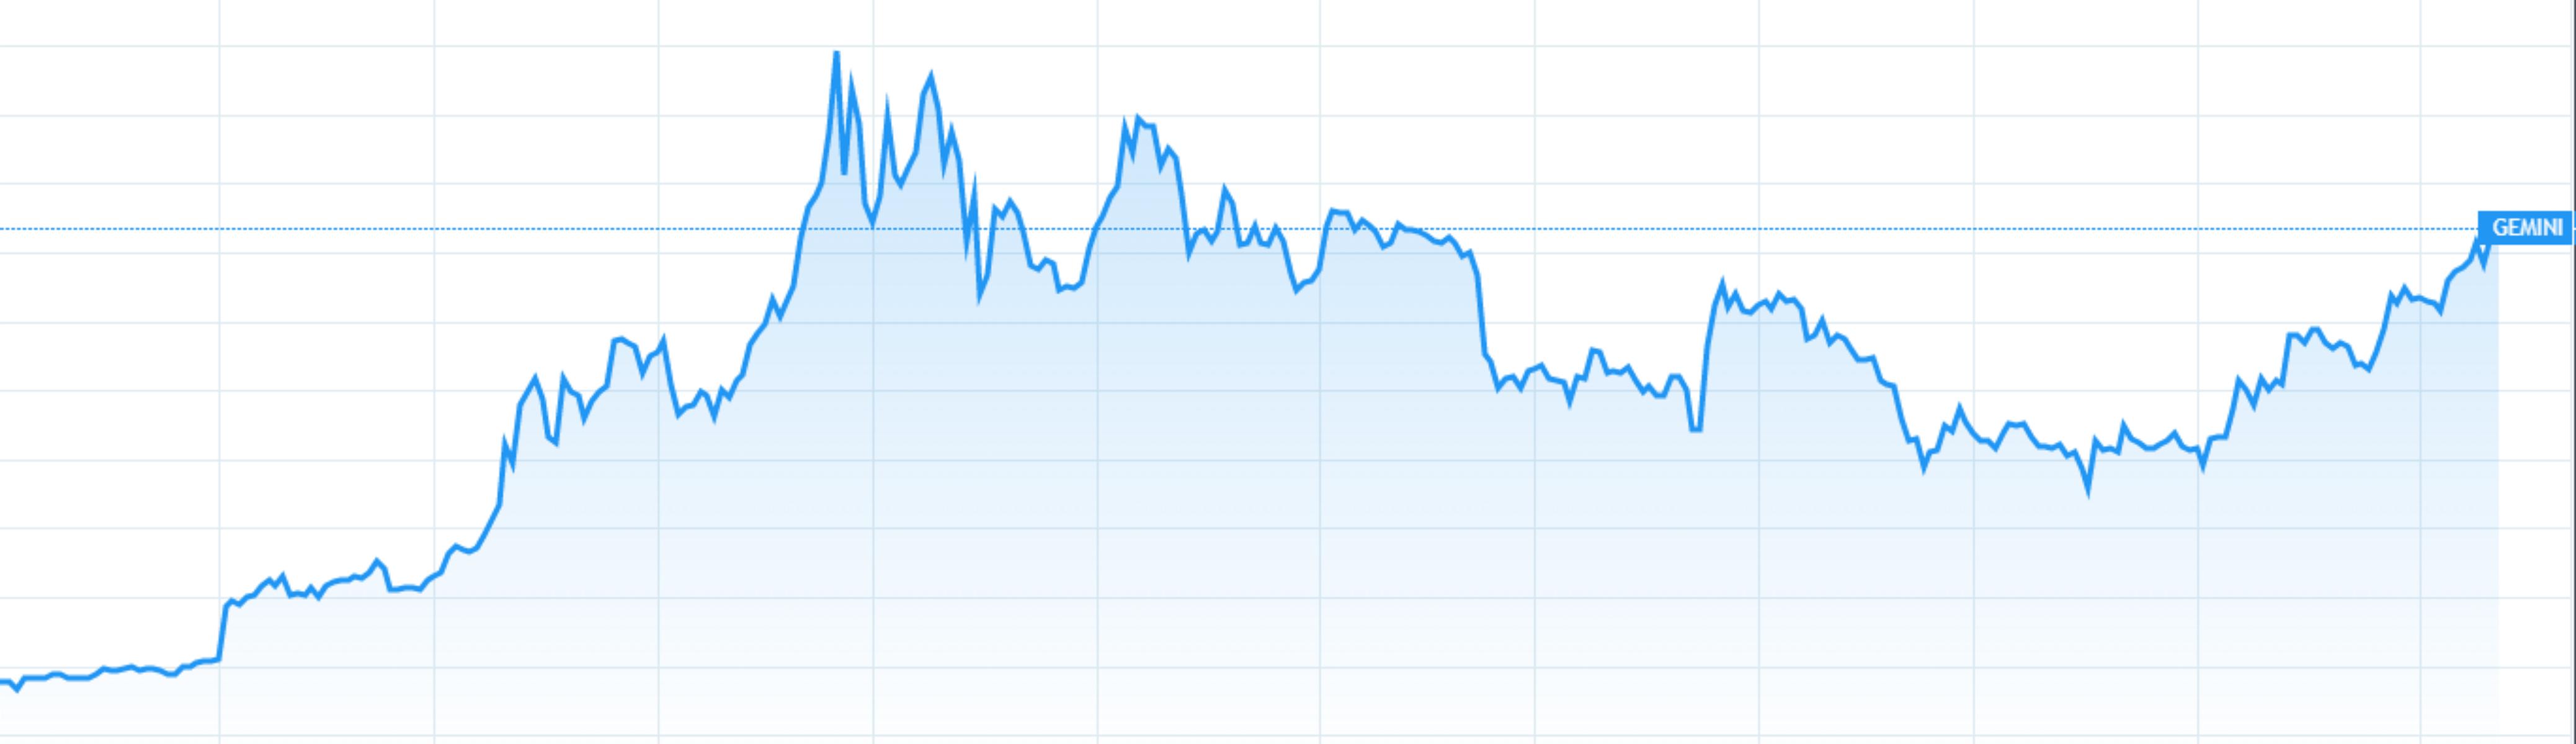 비트코인(BTC) 가격분석 2020년 2월 12일